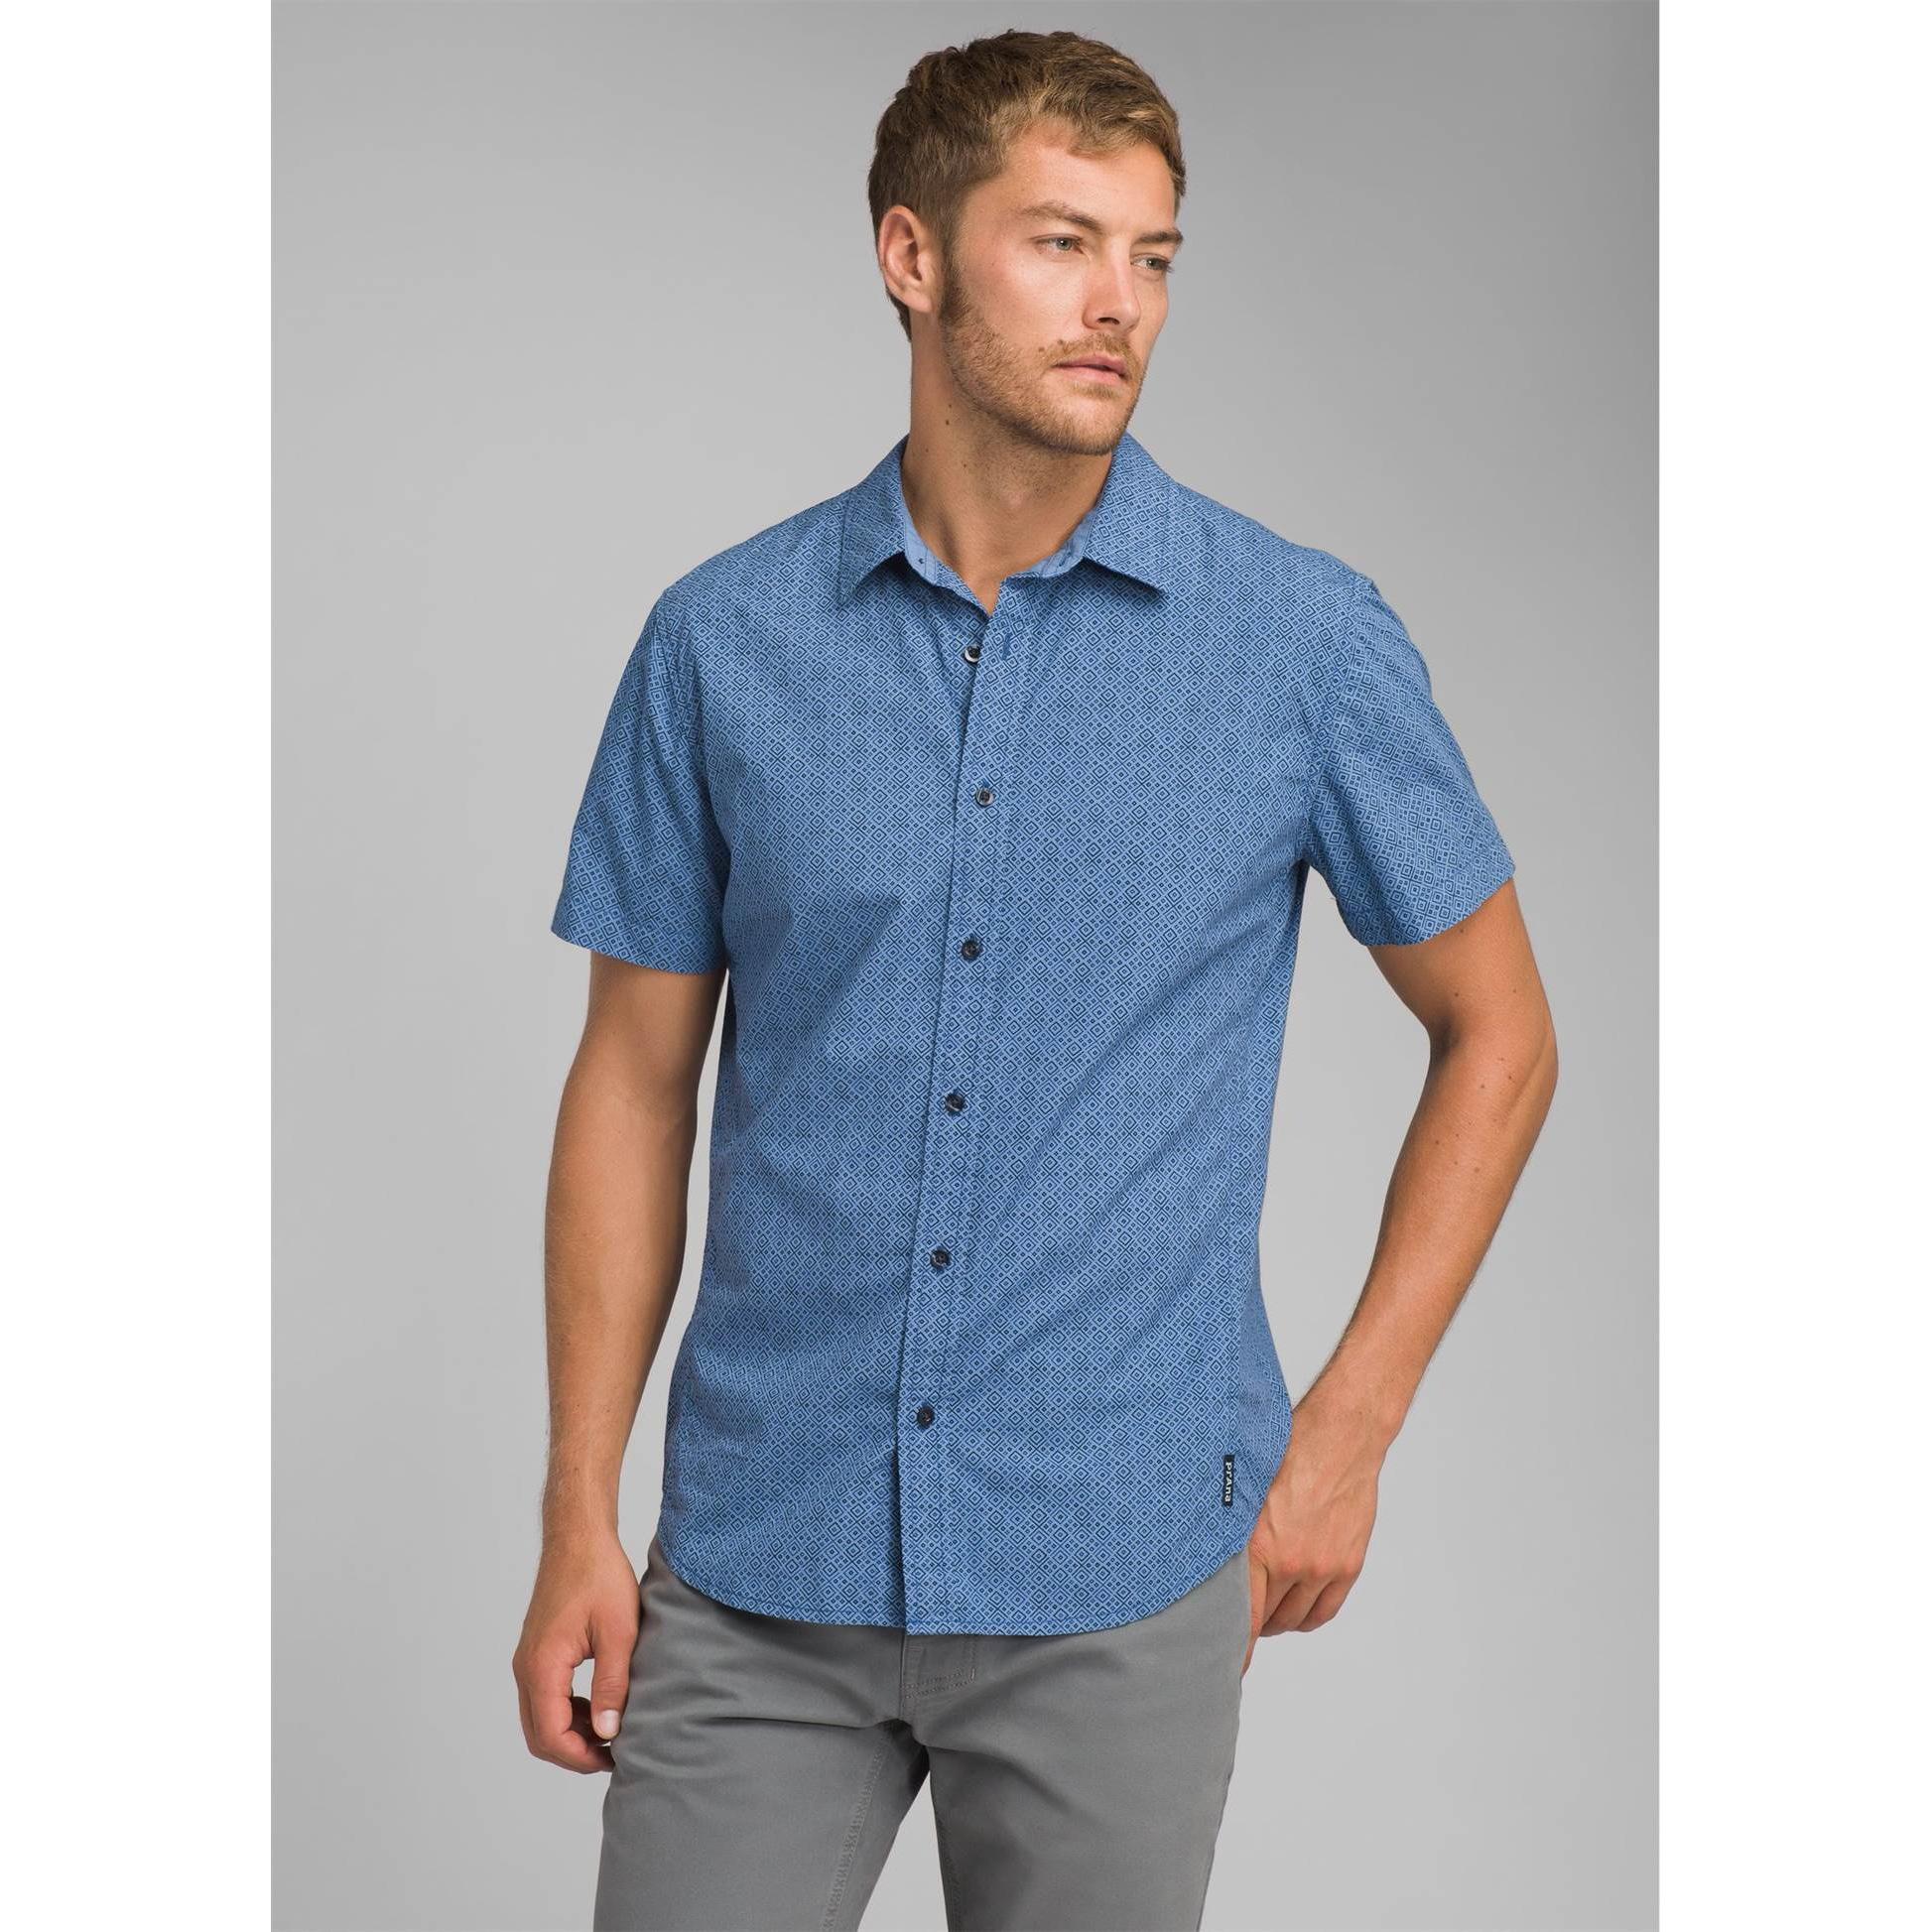 Ulu Shirt Short Sleeve - Men's